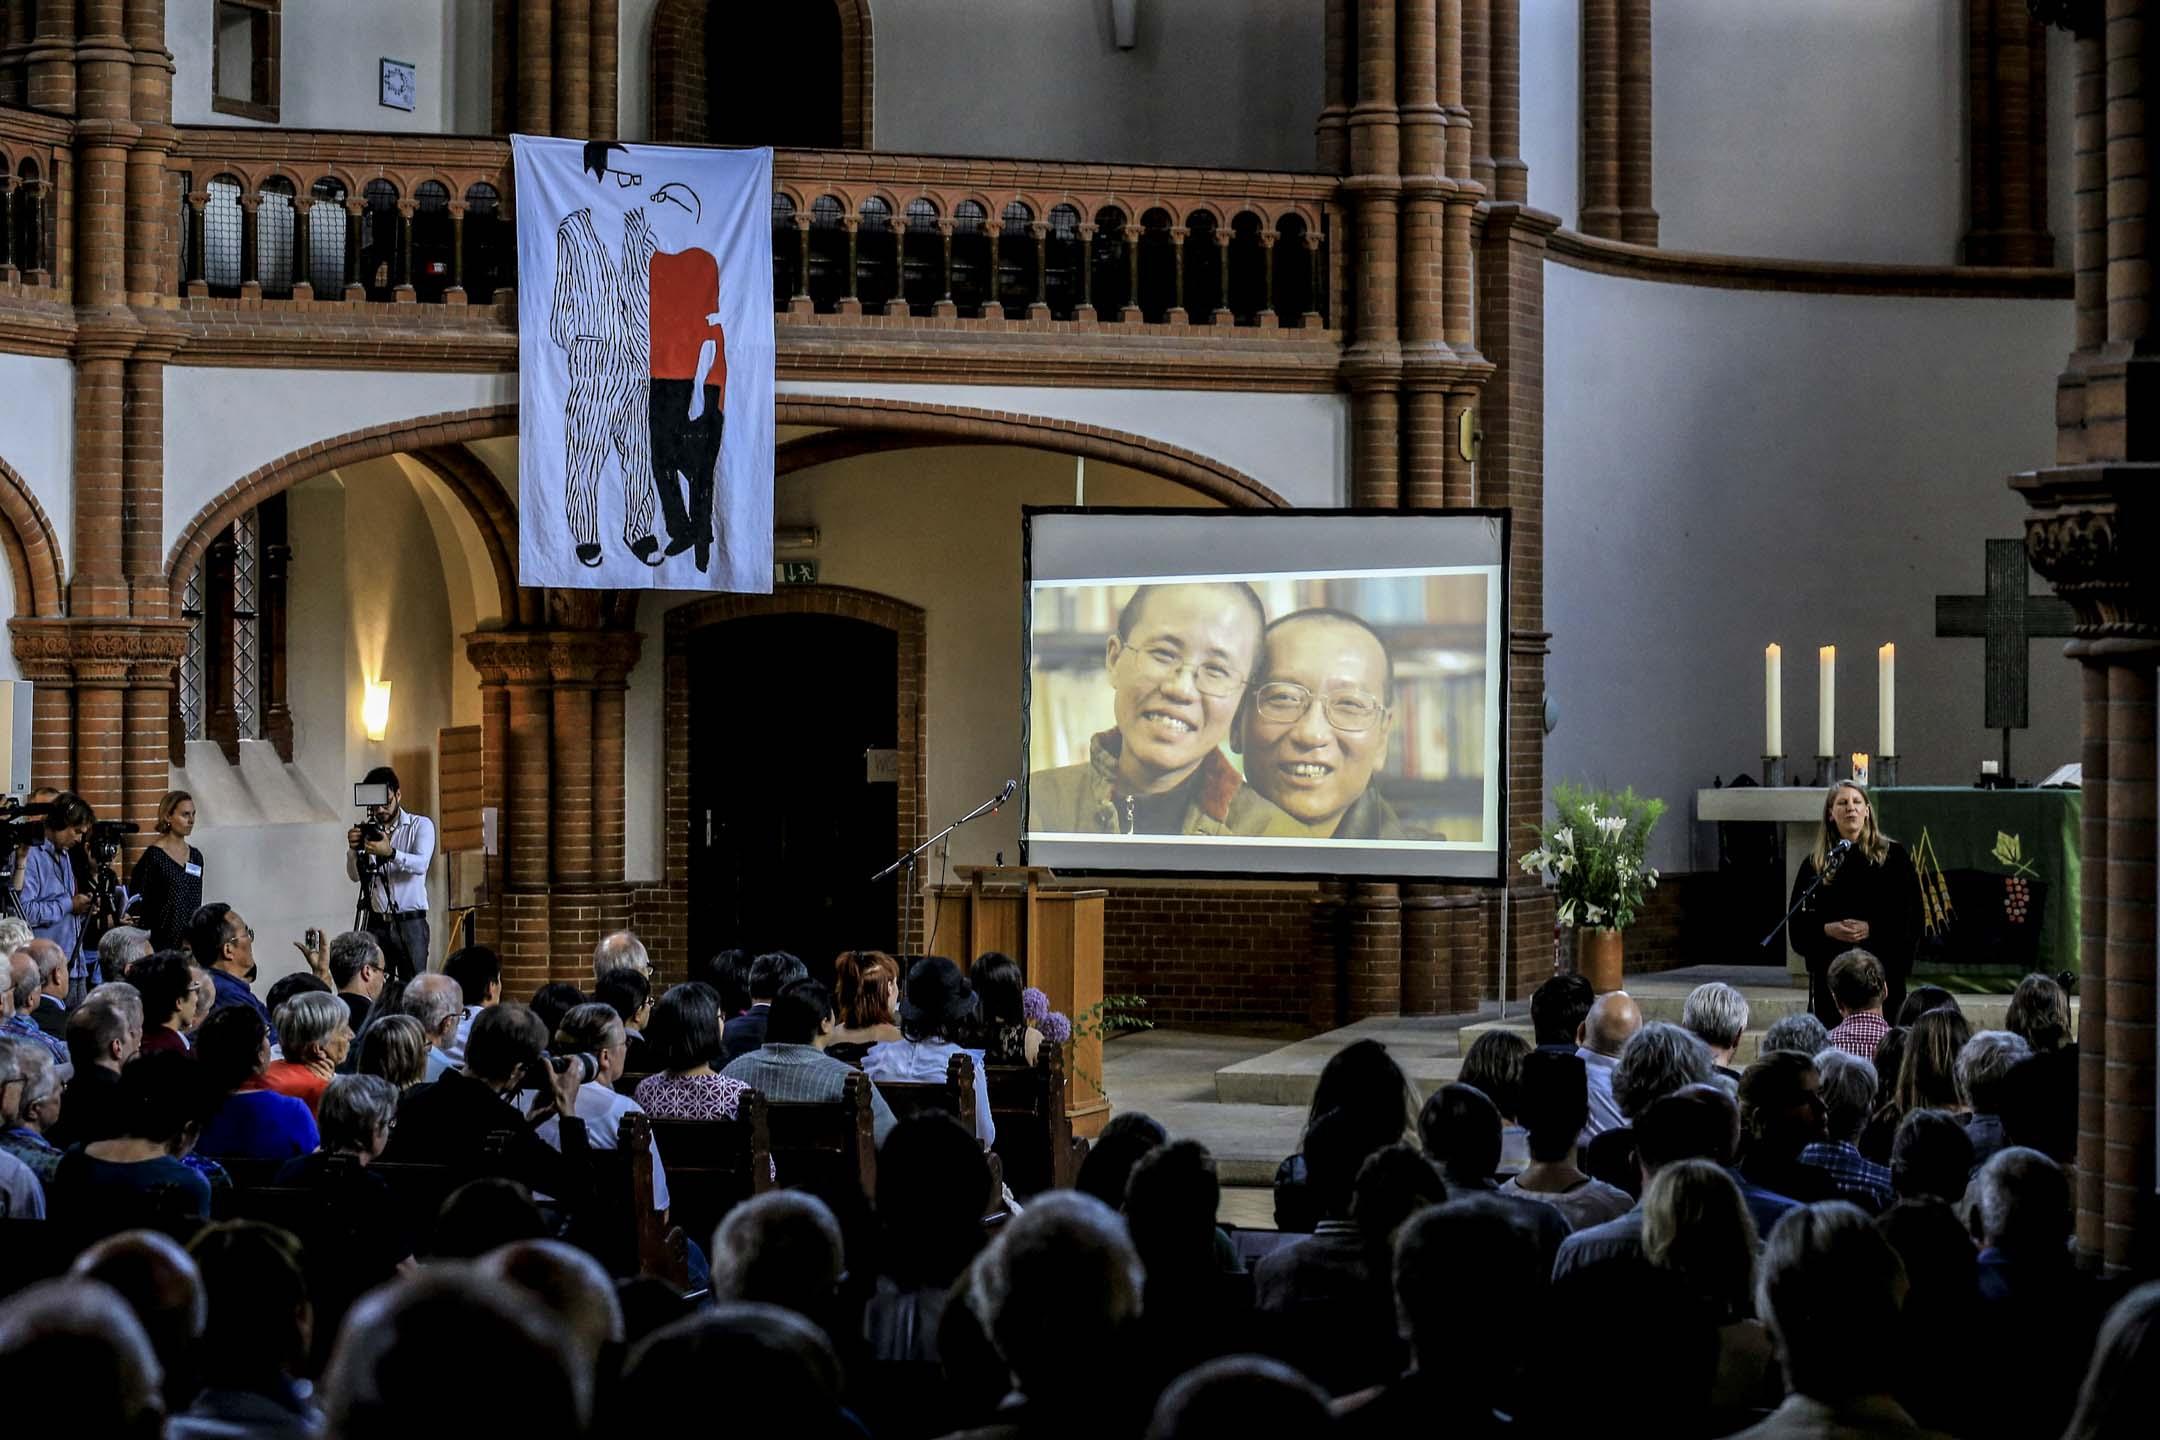 德國時間7月13日下午6時,在德國柏林客西馬尼教堂(Gethsemanekirche),舉行劉曉波逝世一週年追思會,這座能容納近五百人的教堂幾乎座無虛席。 攝:Abdulhamid Hosbas/Anadolu Agency/Getty Images